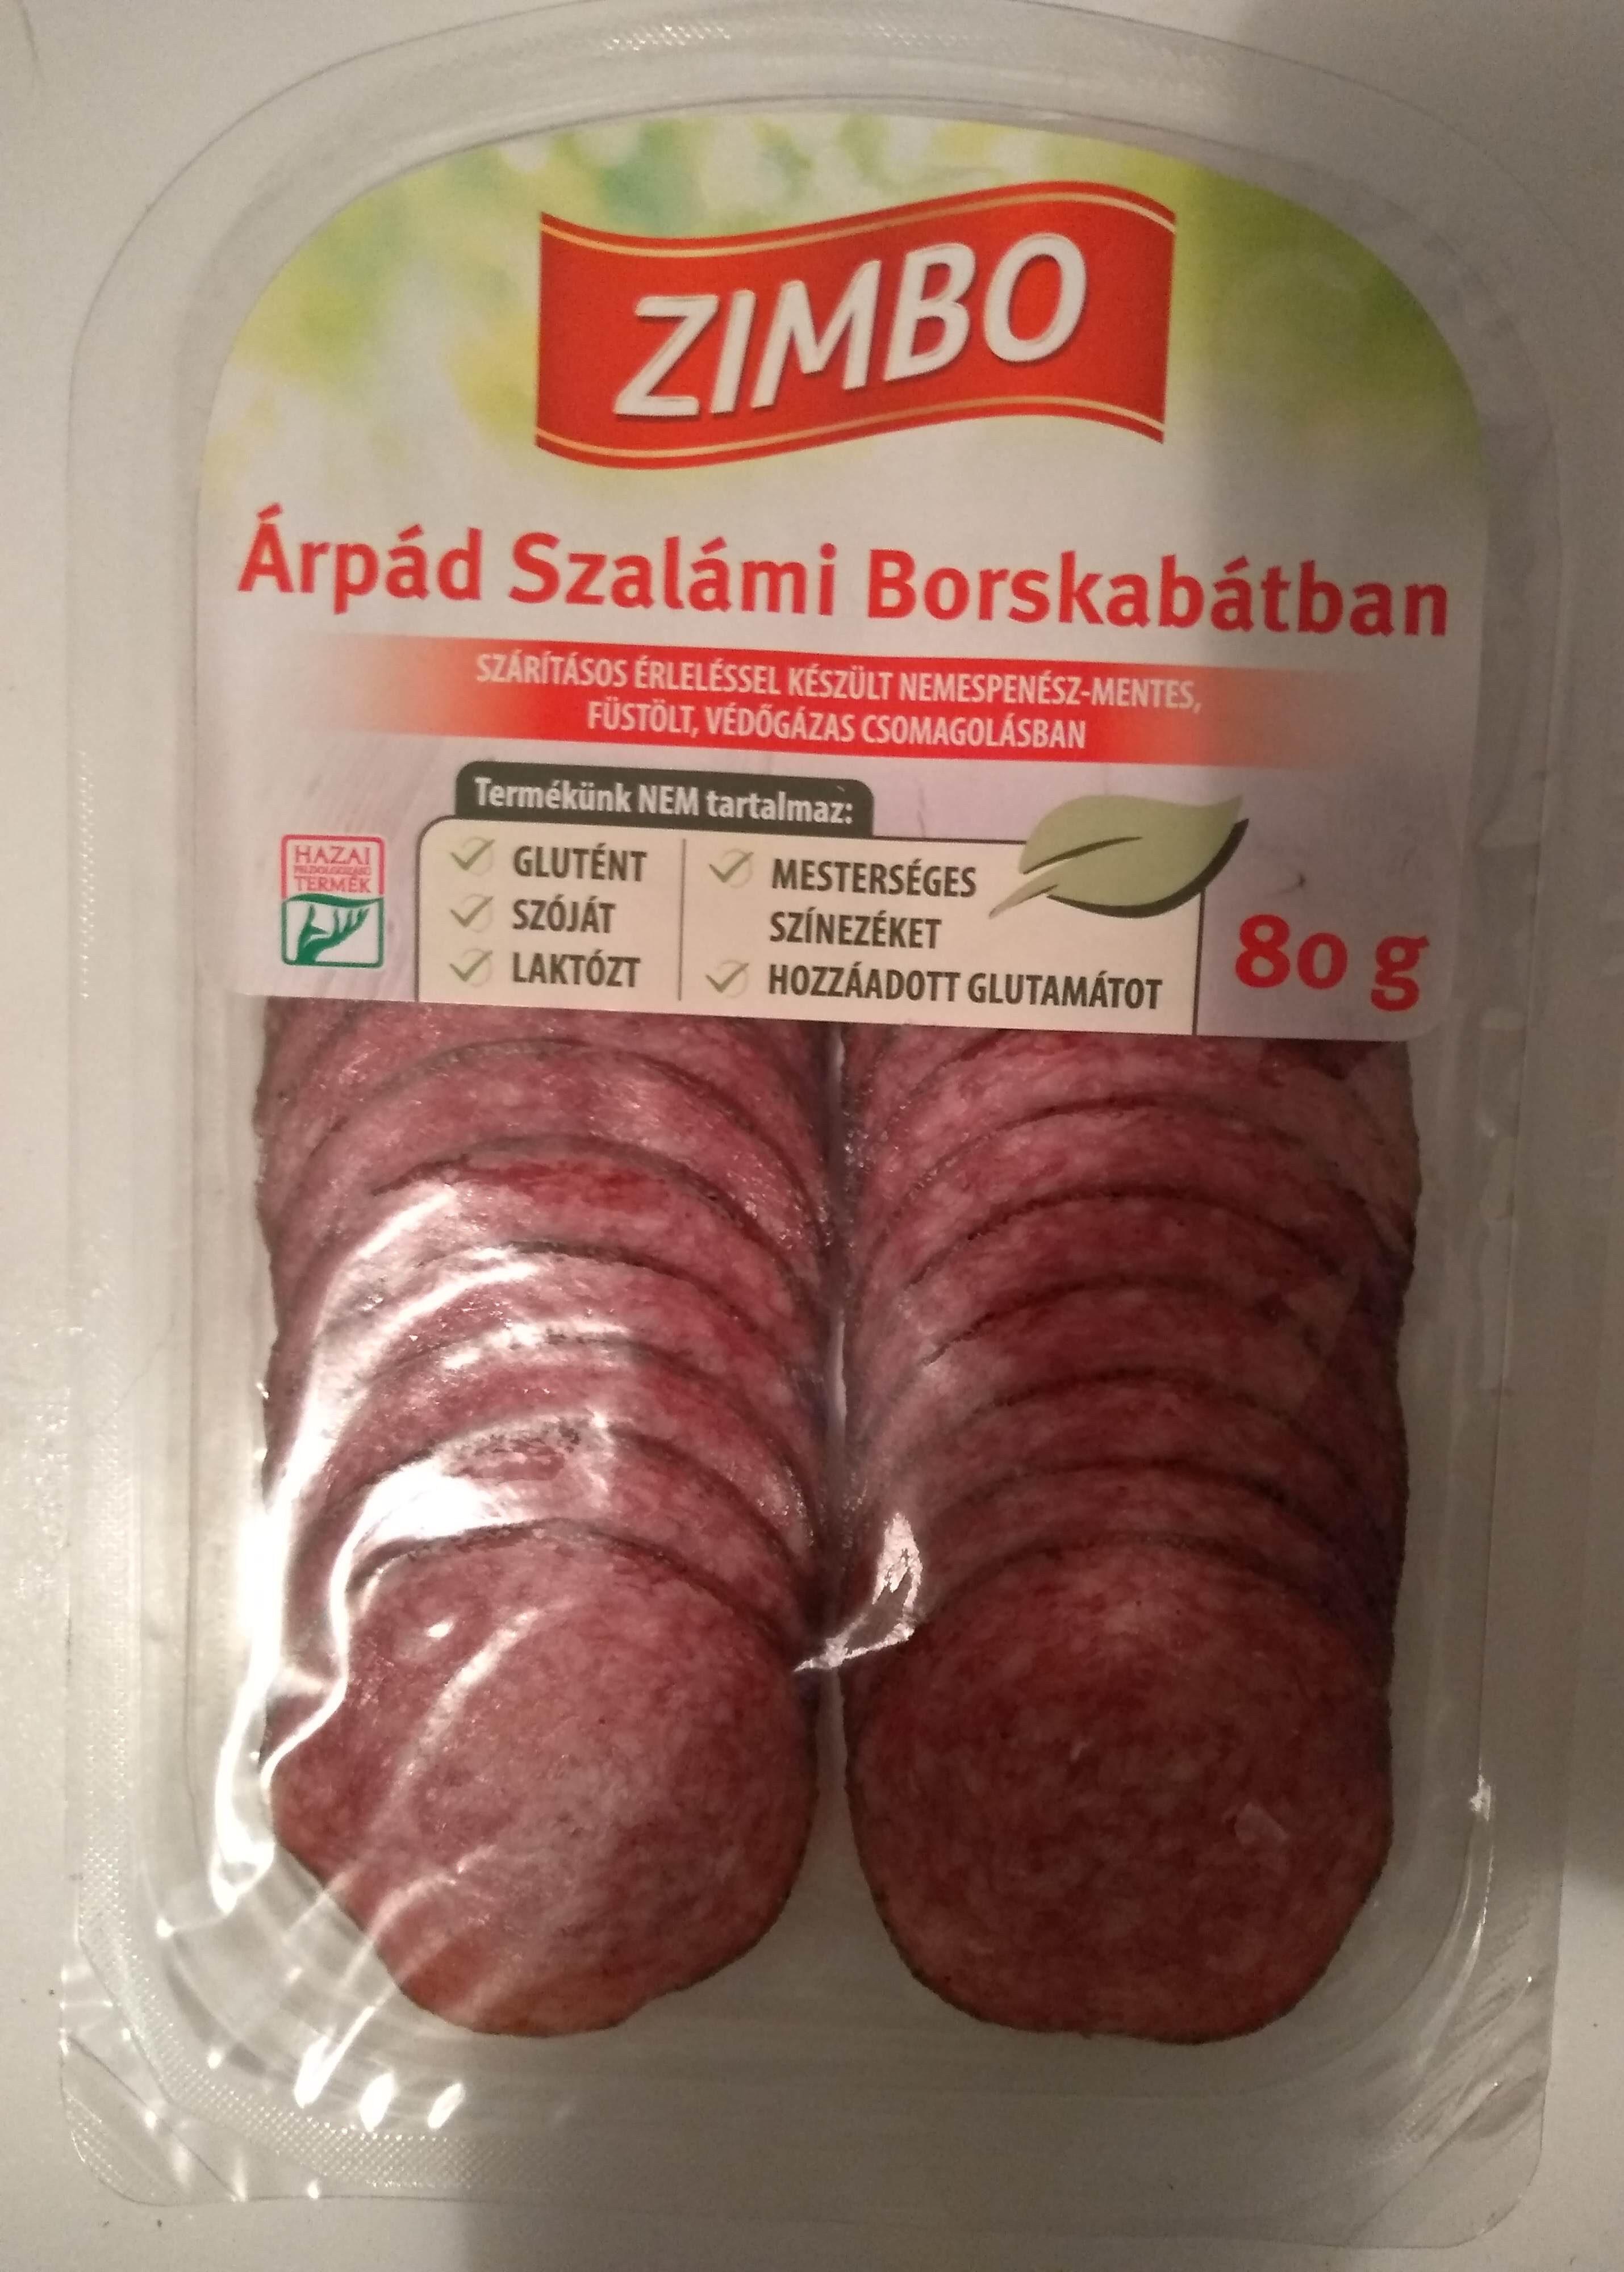 Árpád szalámi borskabátban - Product - hu